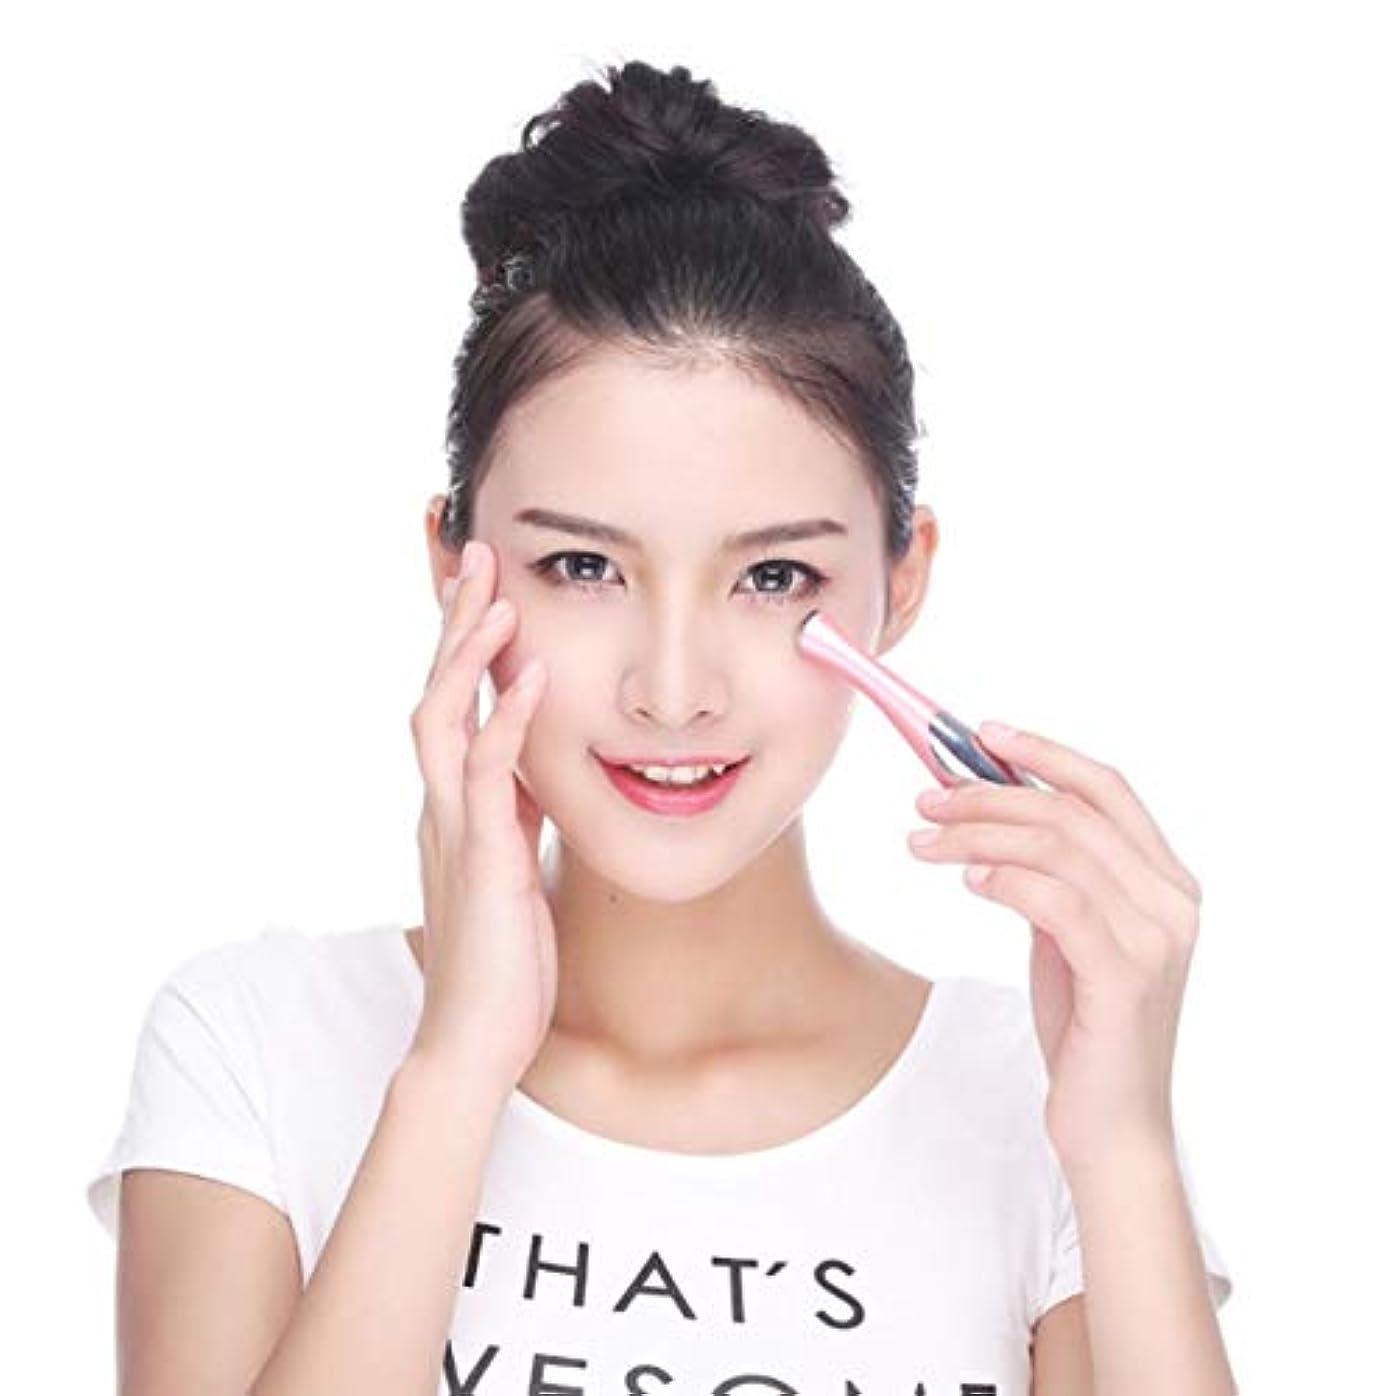 割り当てる矛盾する教科書Mini Portable Handheld Ion Eye Massager Vibration Massage Skin Firming Care Facial Moisturizer Massager Beauty...